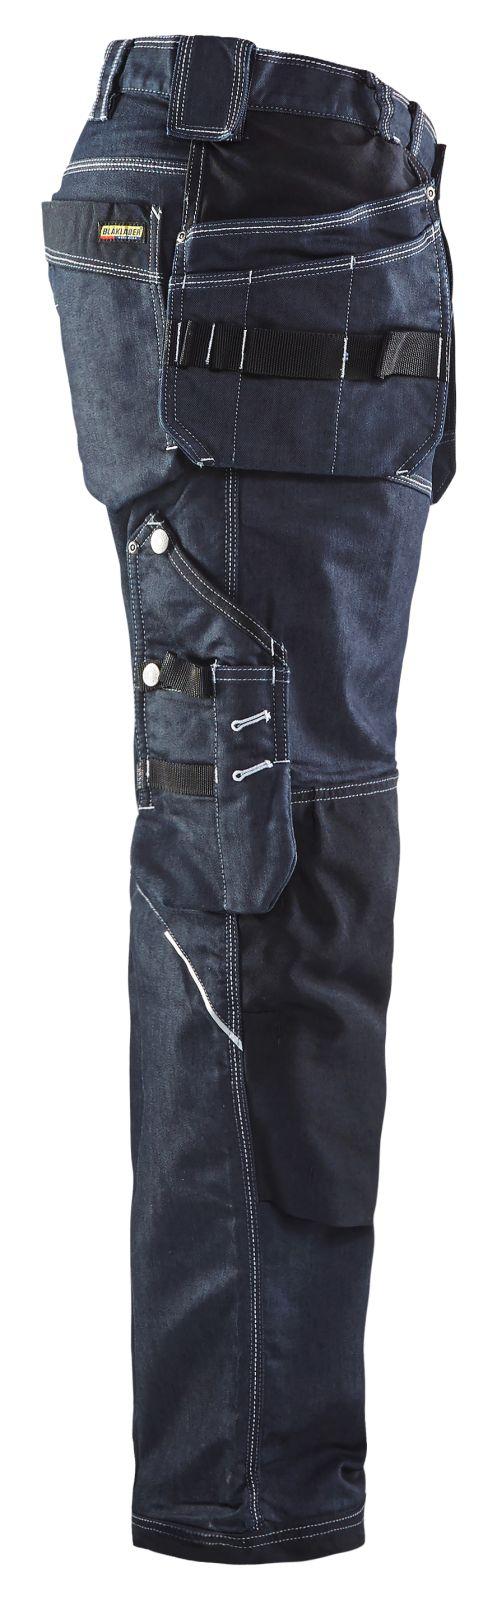 Blaklader Broeken 19601141 met Stretch marineblauw-zwart(8999)